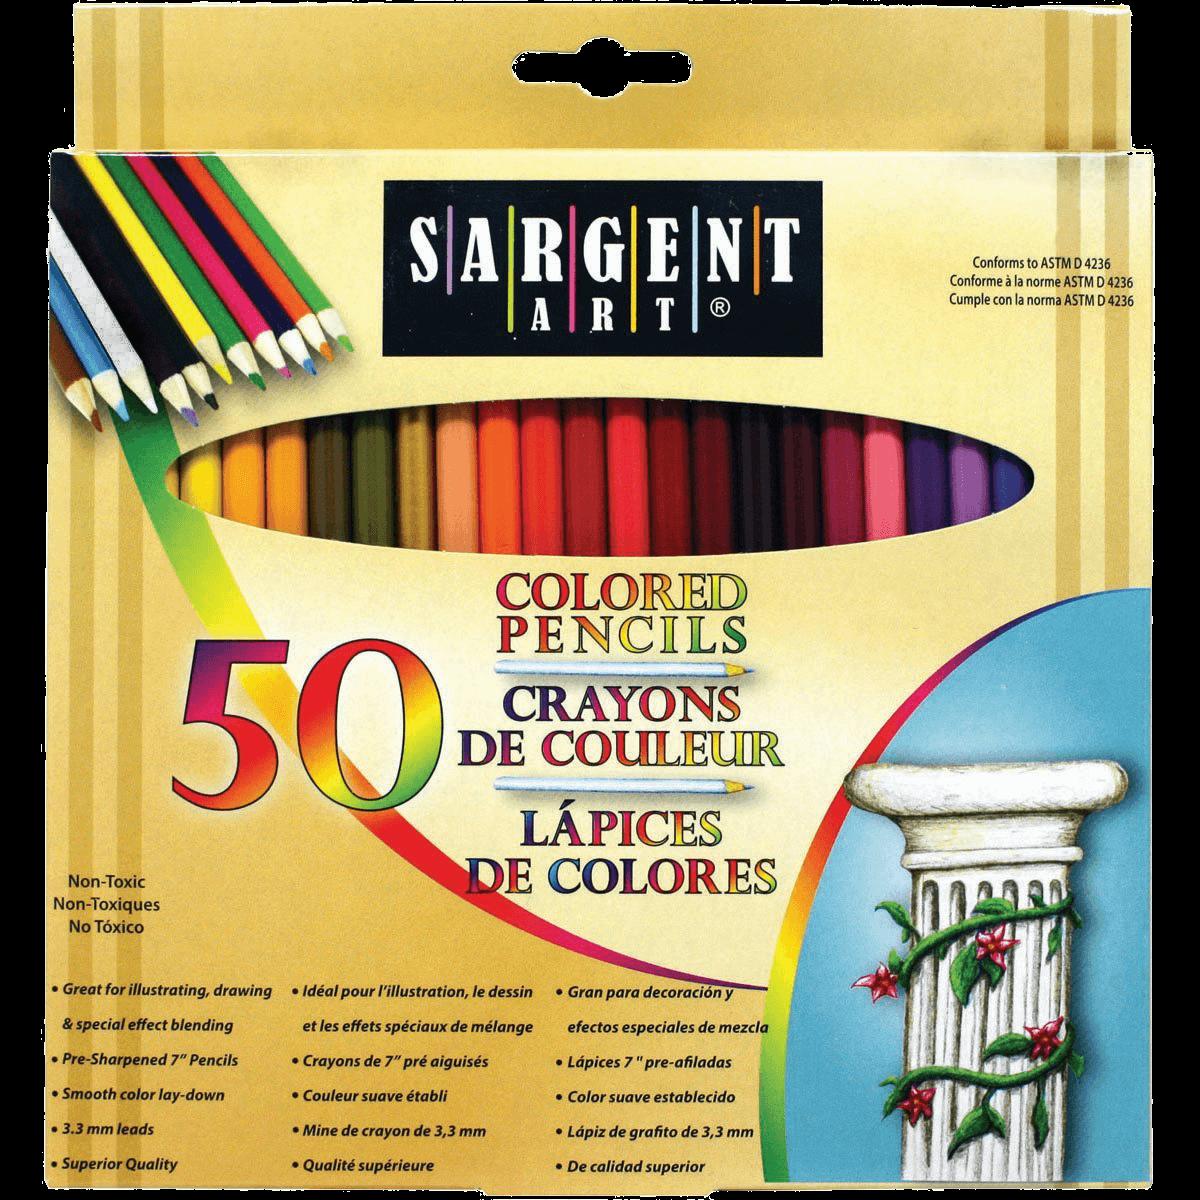 Sargent Art Premium set